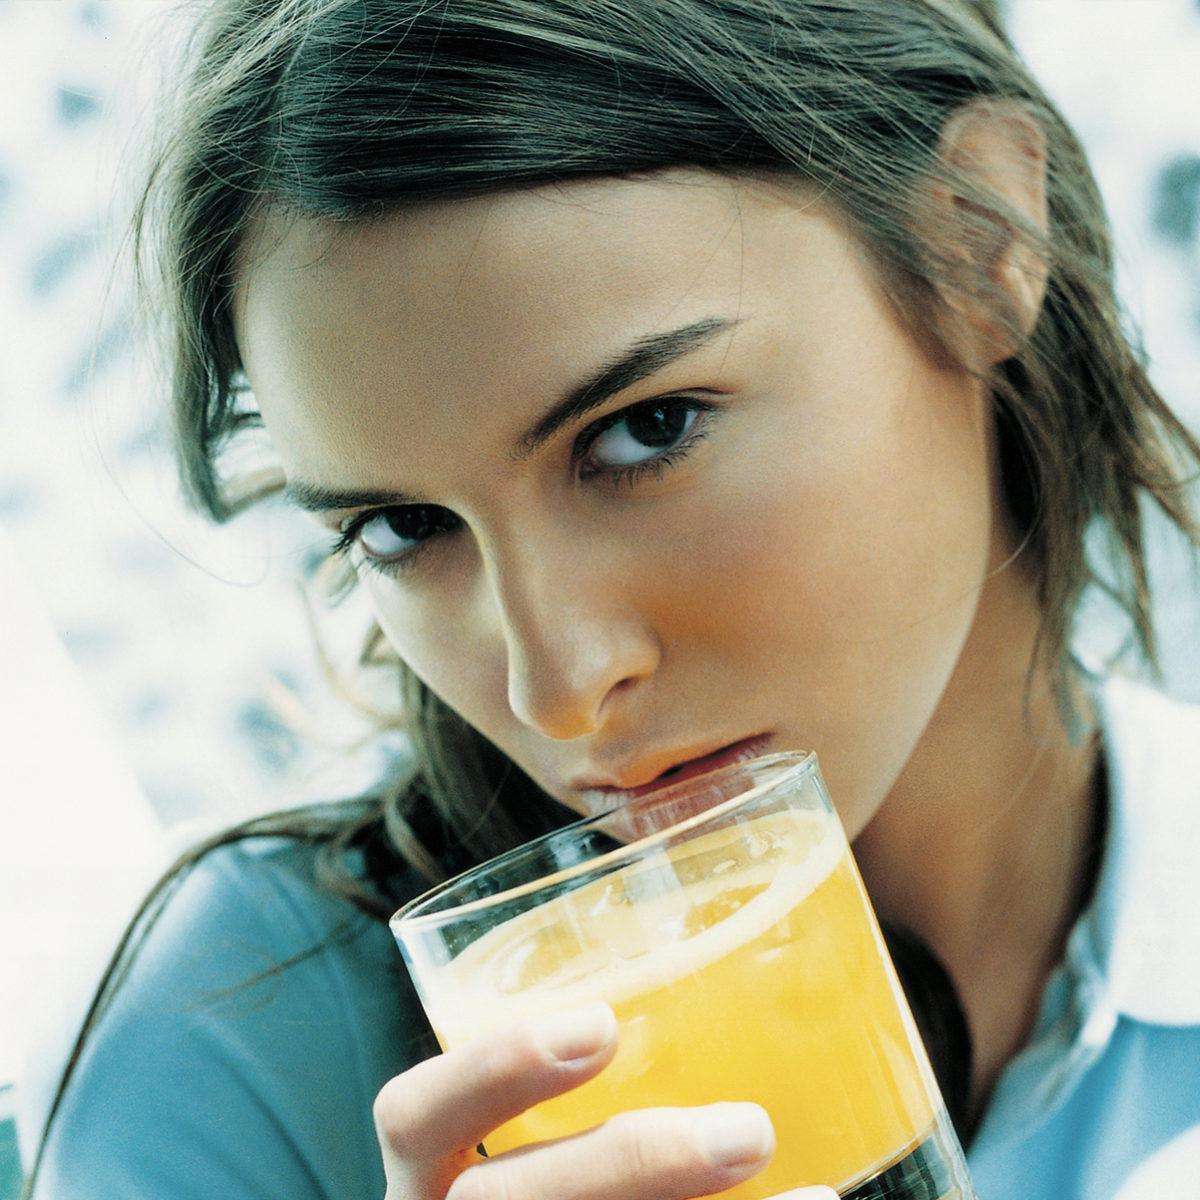 Los batidos de frutas nos aportan más fibra que los zumos.